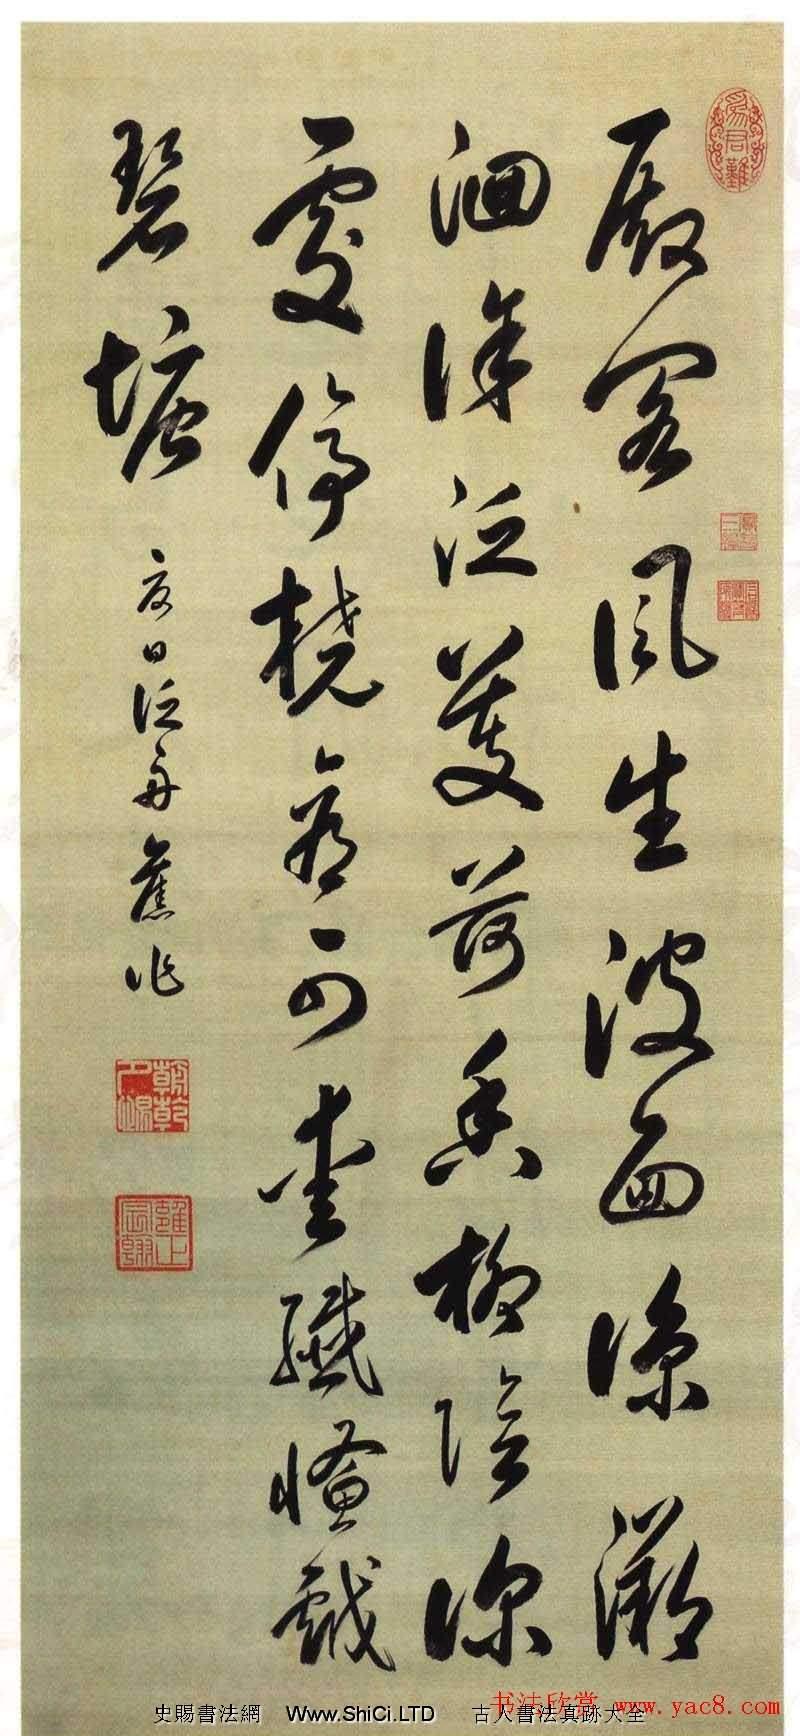 清世宗雍正皇帝書法墨跡真跡欣賞(共27張圖片)